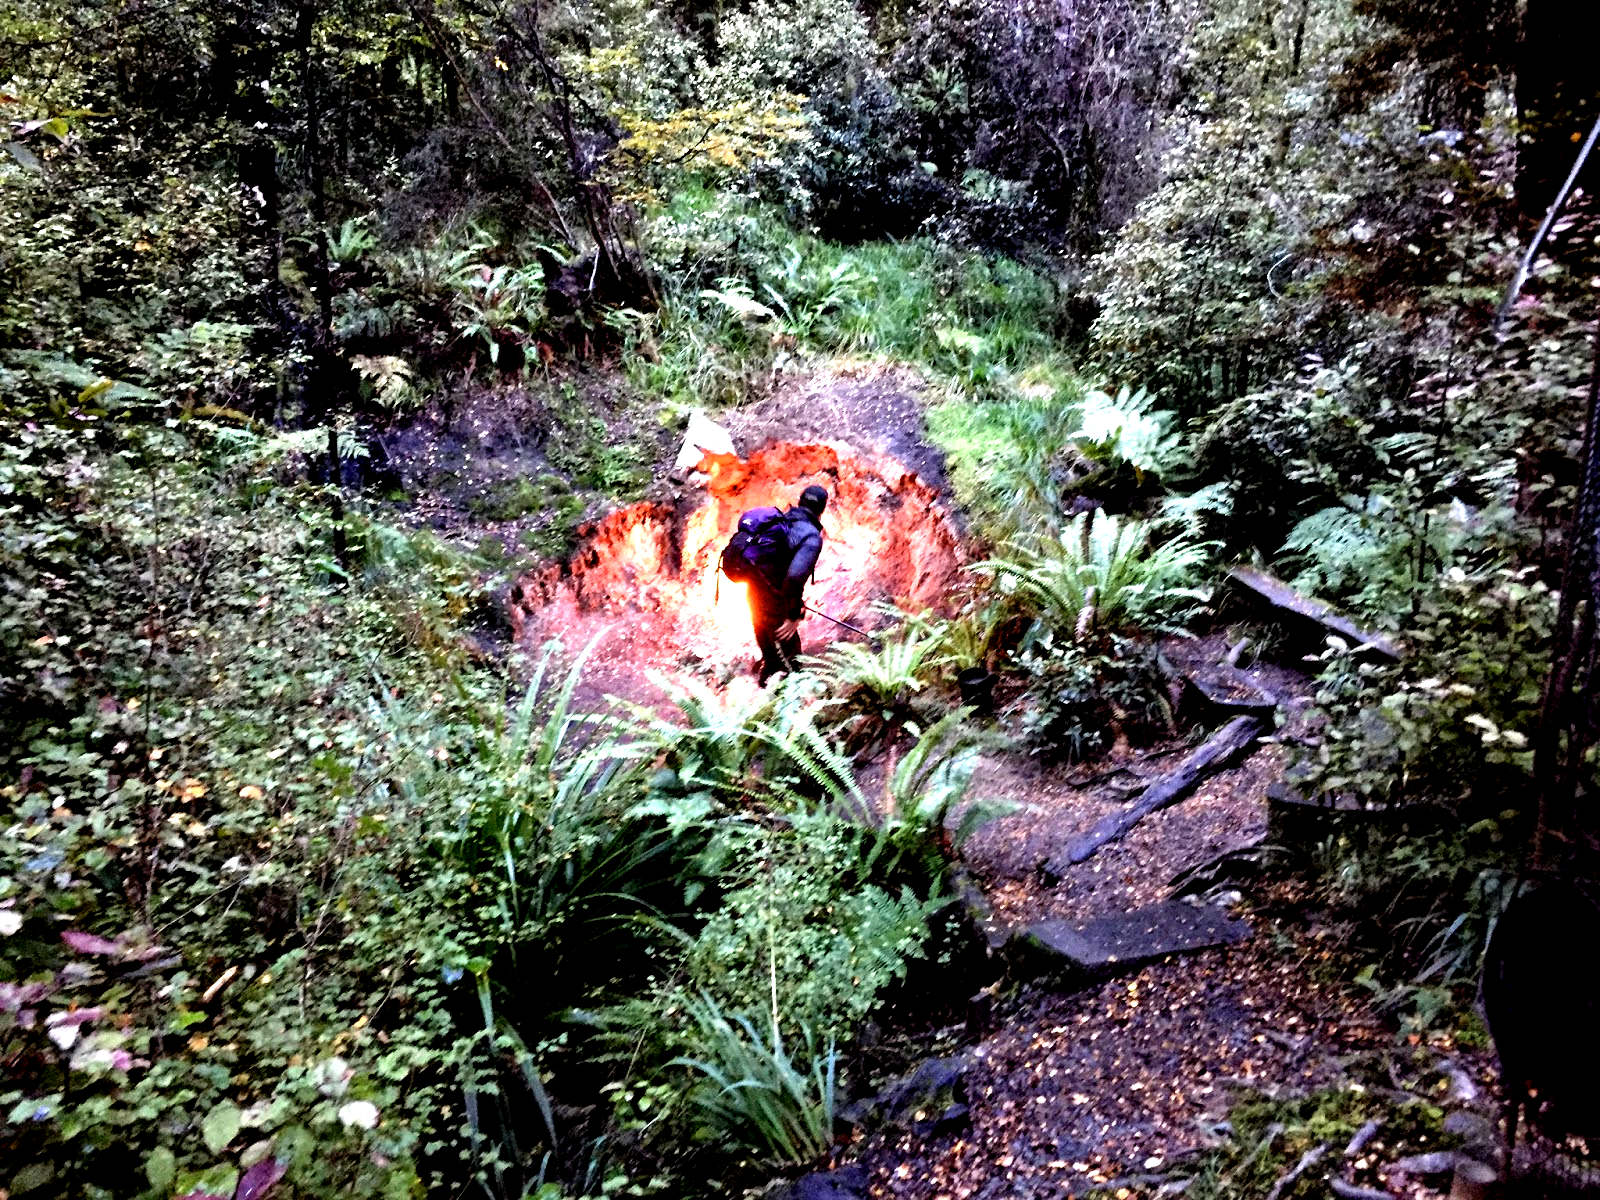 The natural flames of Murchison,New Zealand @avionroads